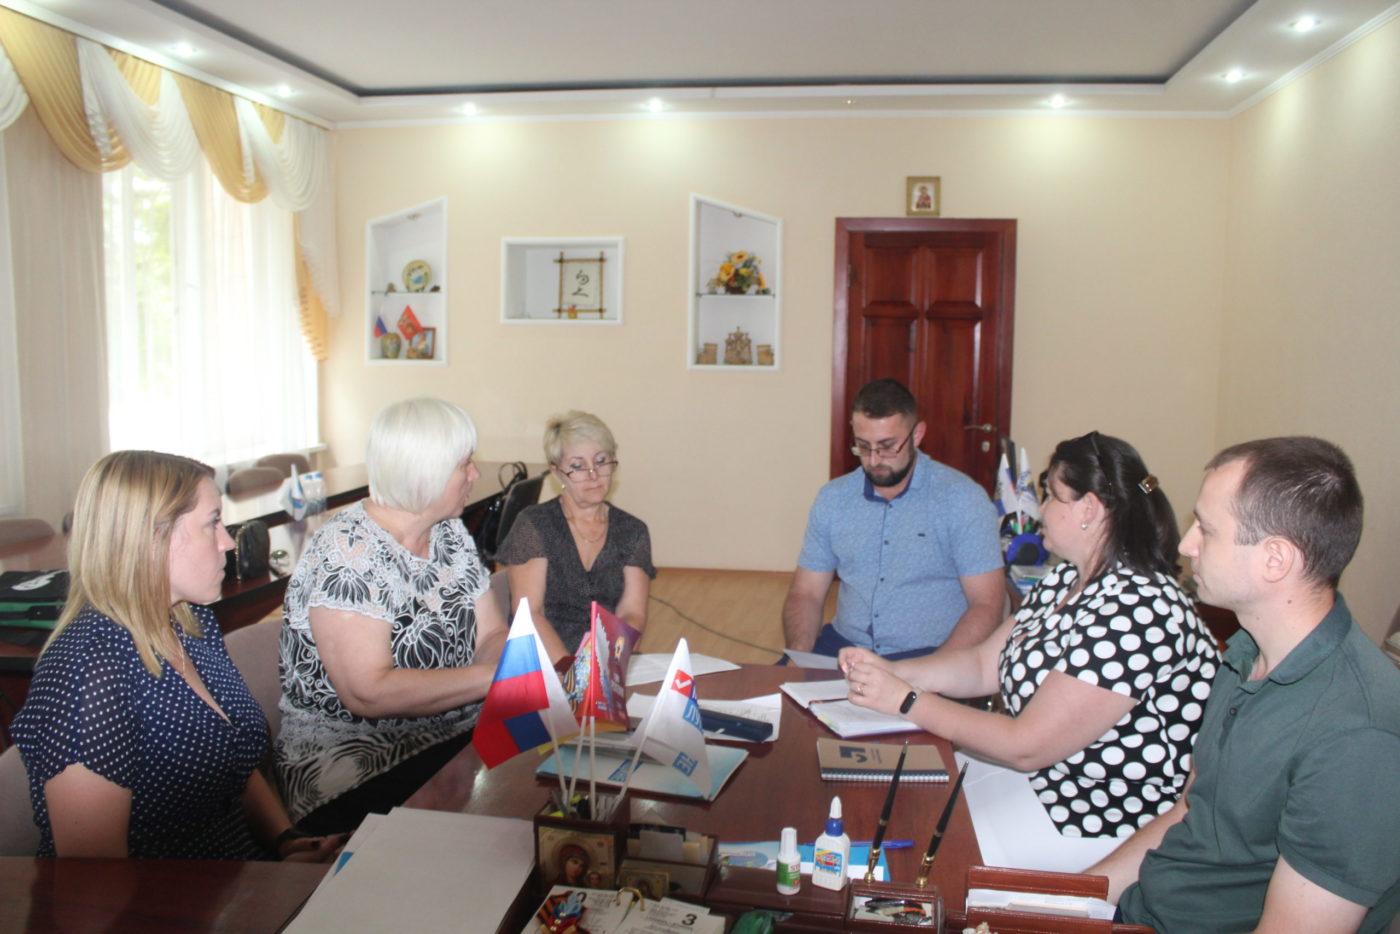 Депутат Народного Совета ЛНР Светлана Гизай встретилась с молодёжными активистами Славяносербского района